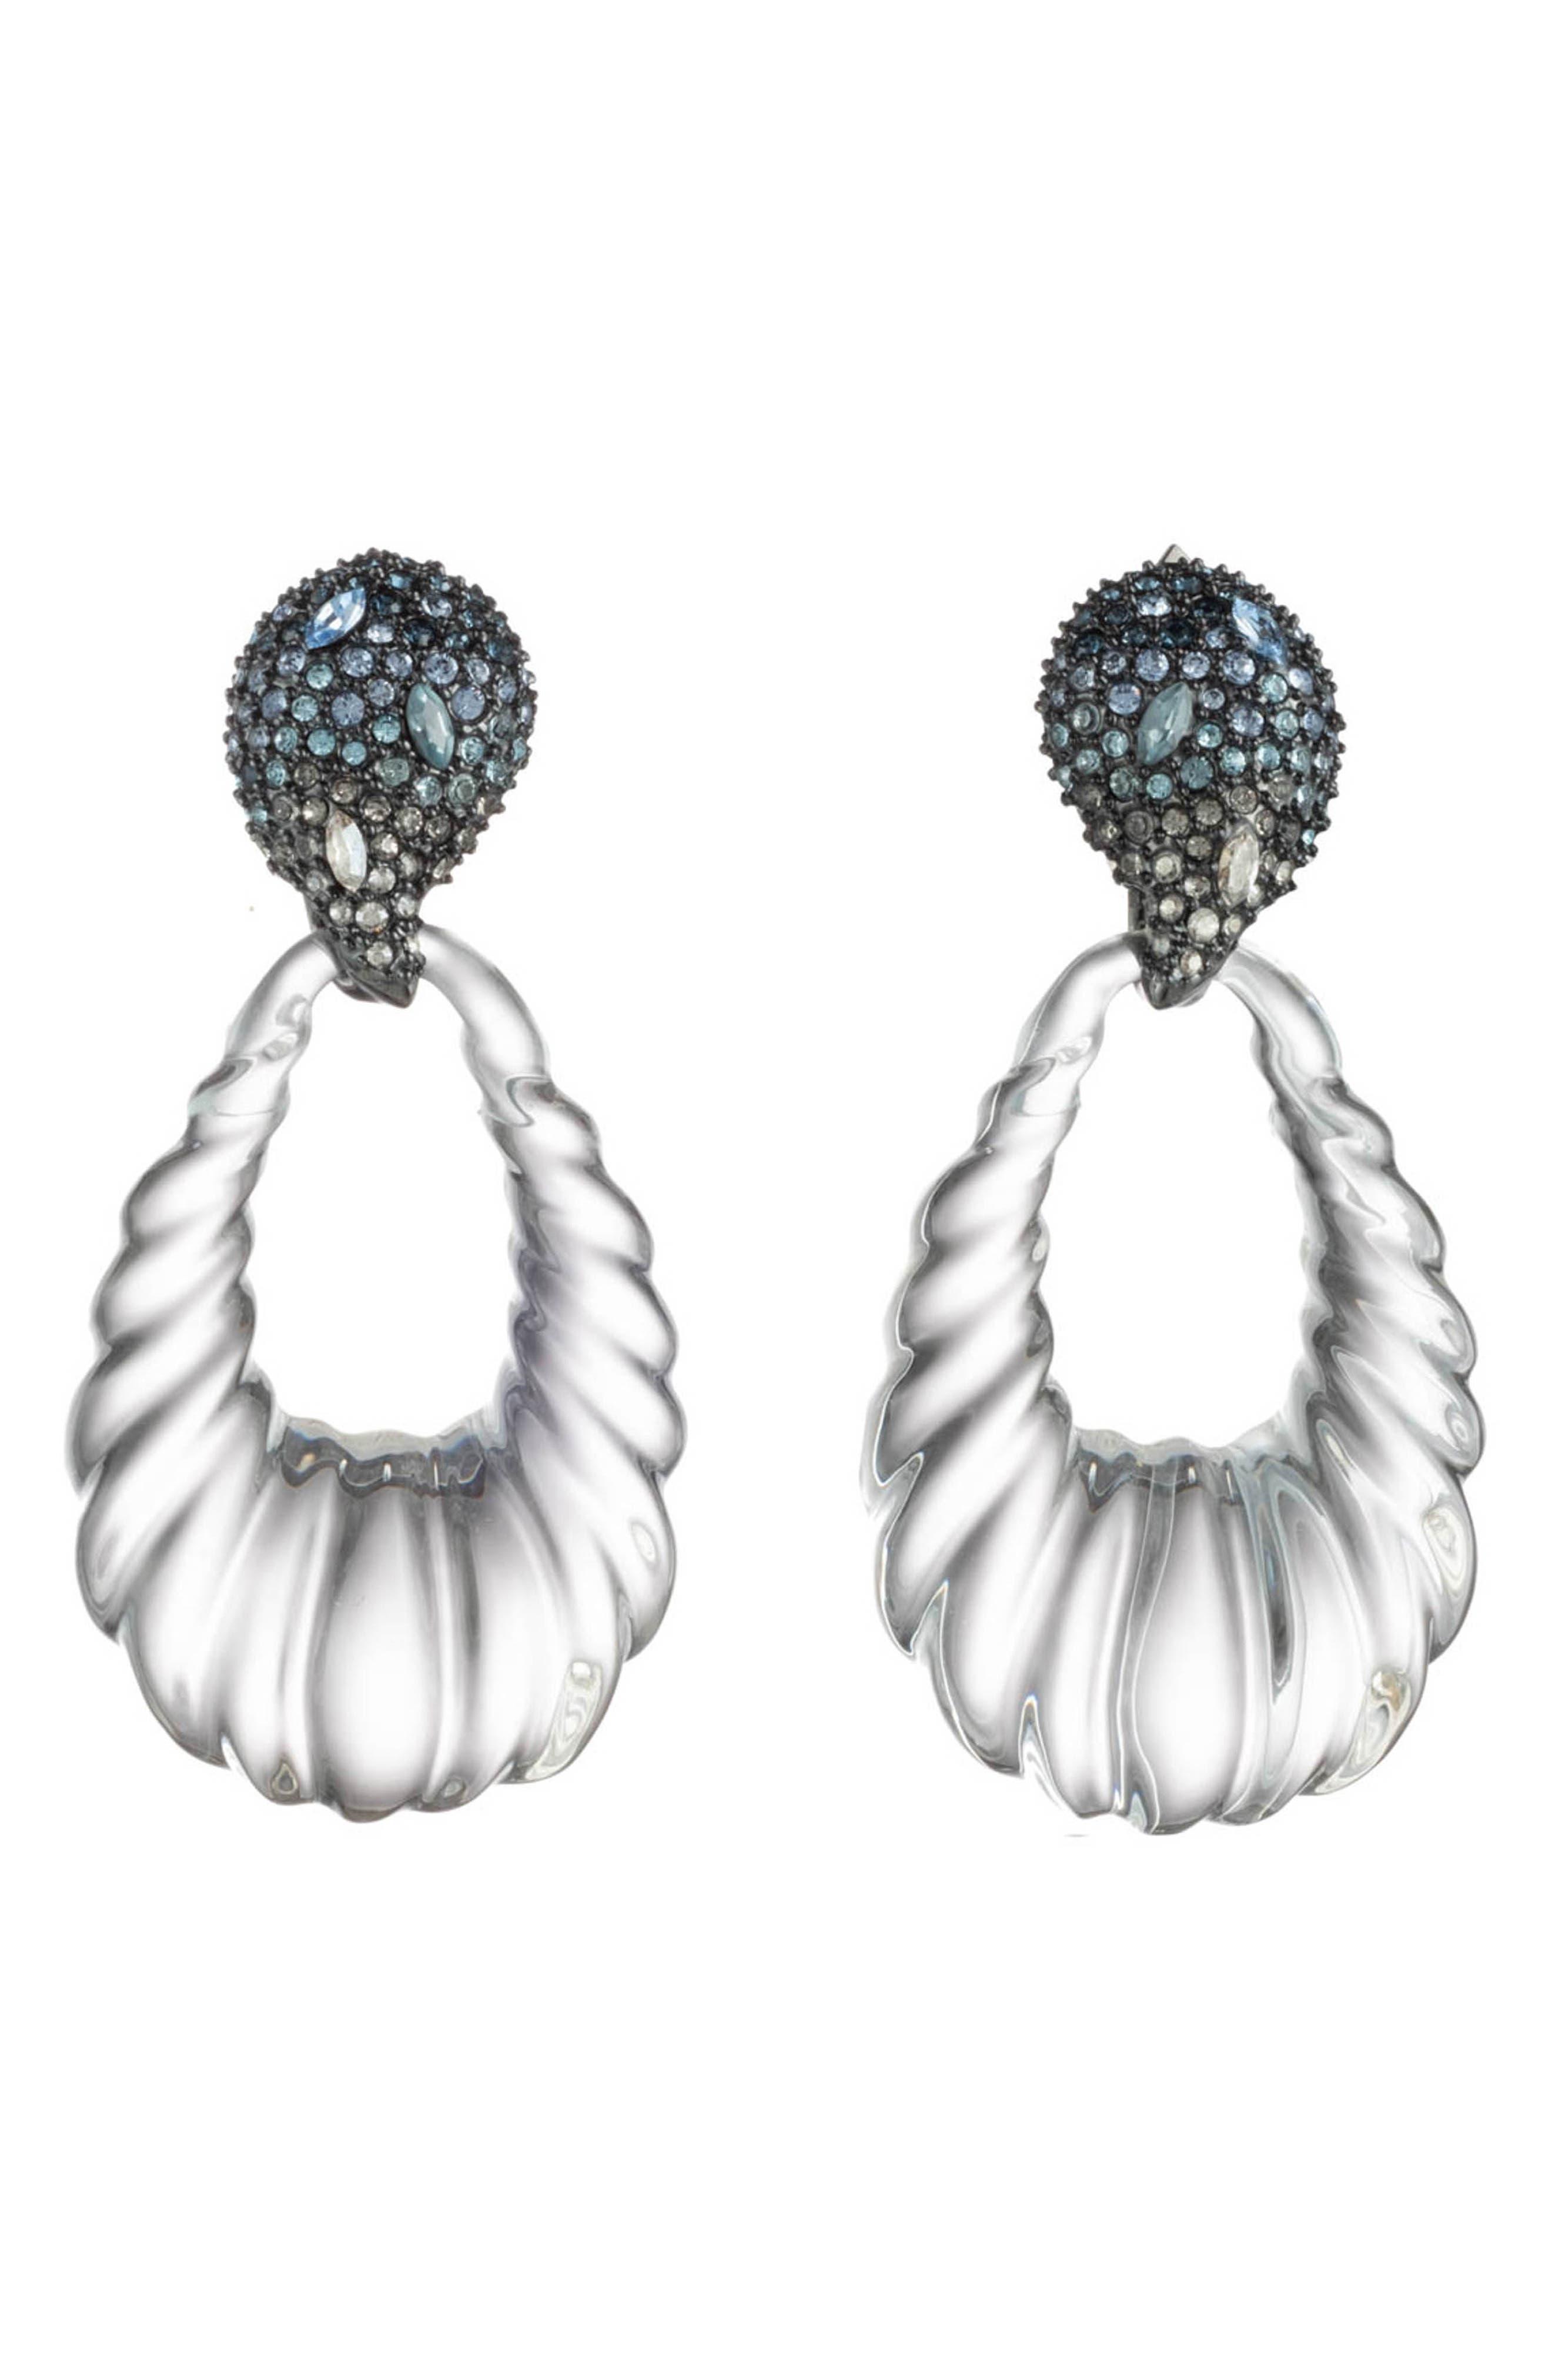 ALEXIS BITTAR Crystal Encrusted Ombré Paisley Rope Teardrop Earrings in Grey